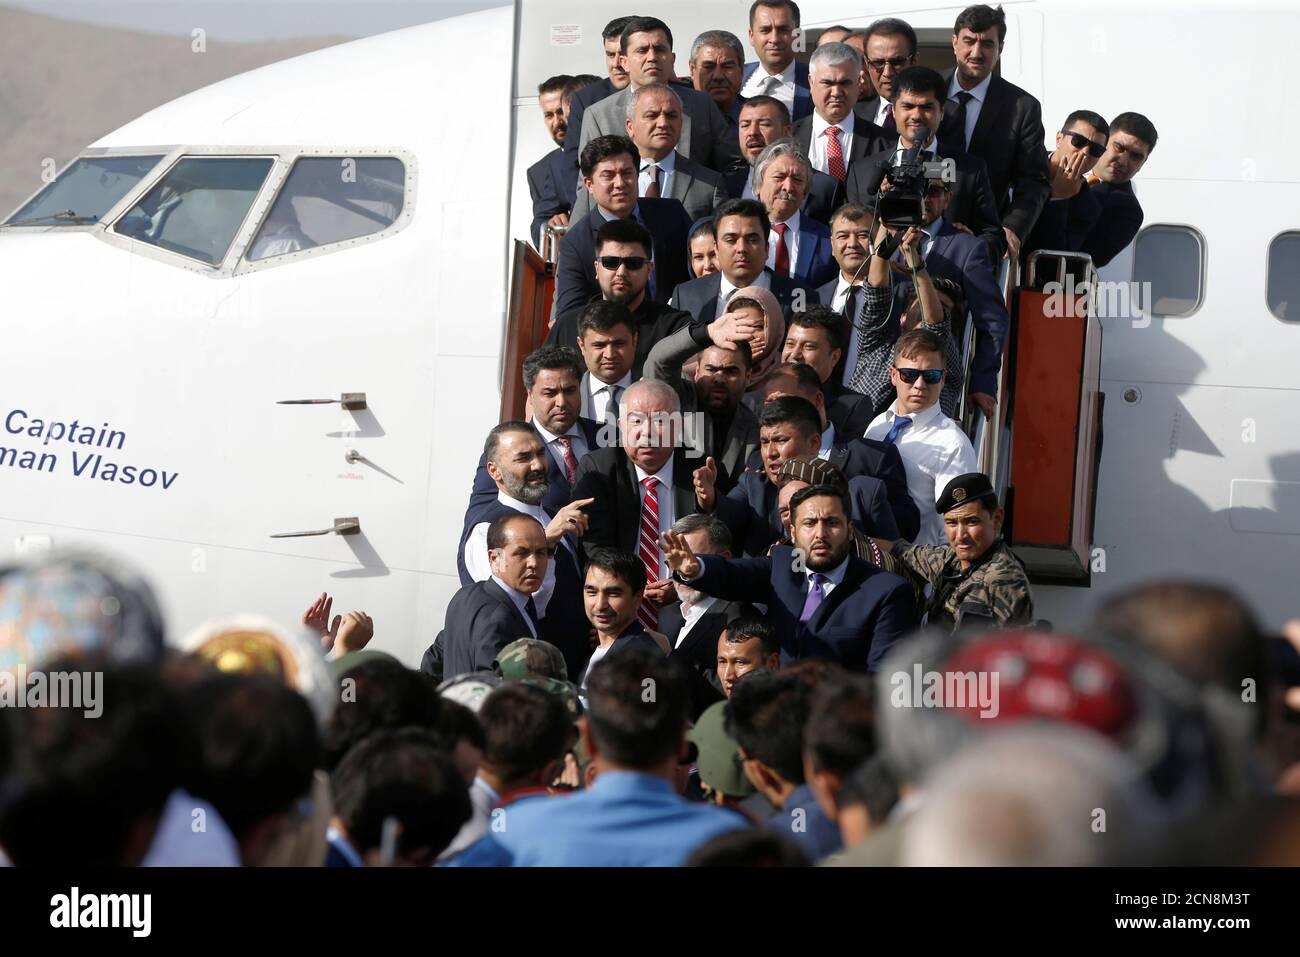 Le vice-président afghan Abdul Rashid Dostum arrive à l'aéroport international Hamid Karzaï de Kaboul, en Afghanistan, le 22 juillet 2018.REUTERS/Omar Sobhani Banque D'Images